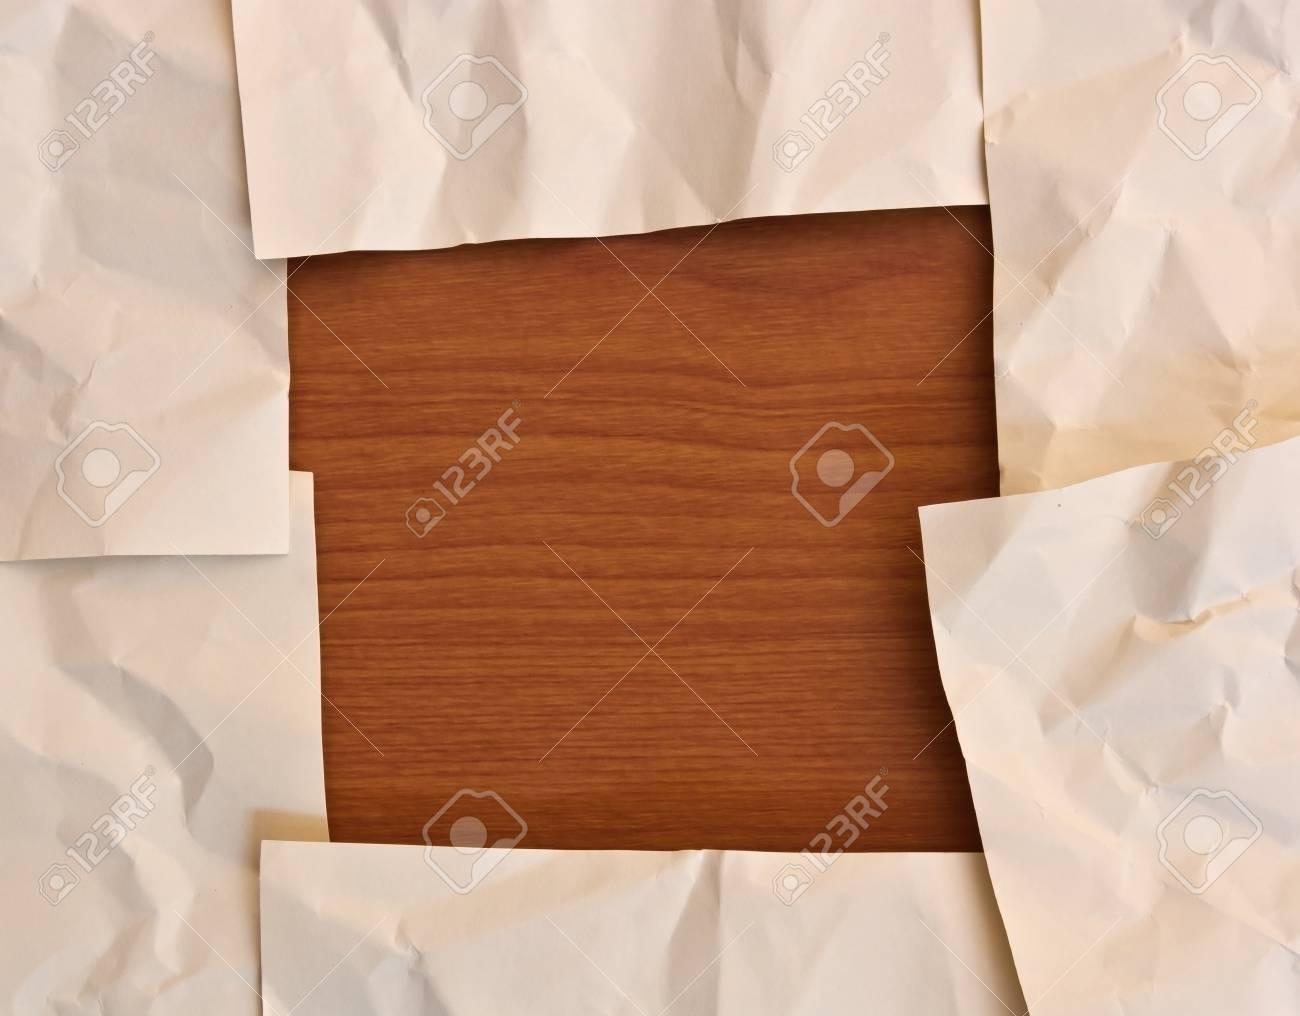 Fußboden Aus Packpapier ~ Papier holz fußboden. lizenzfreie fotos bilder und stock